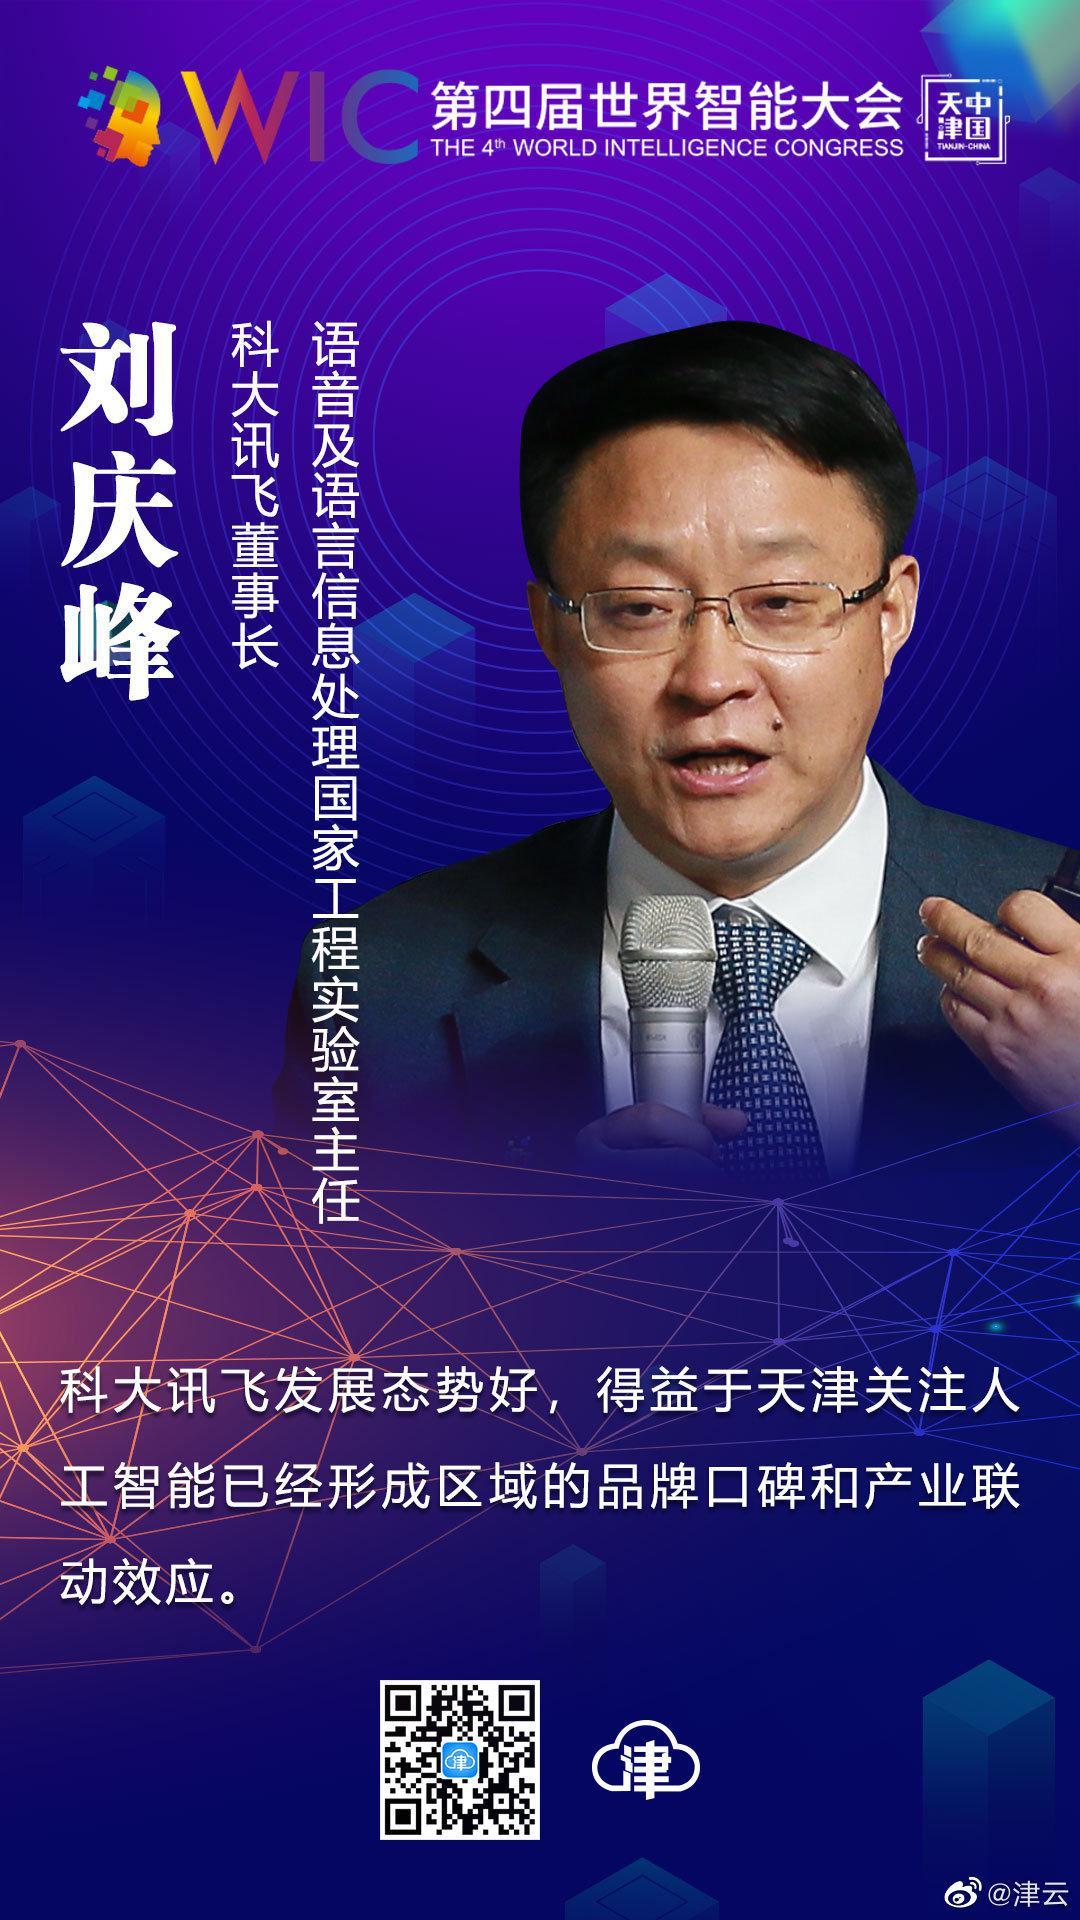 科大讯飞董事长、语音及语言信息处理国家工程实验室主任刘庆峰:科大讯飞发展态势好……